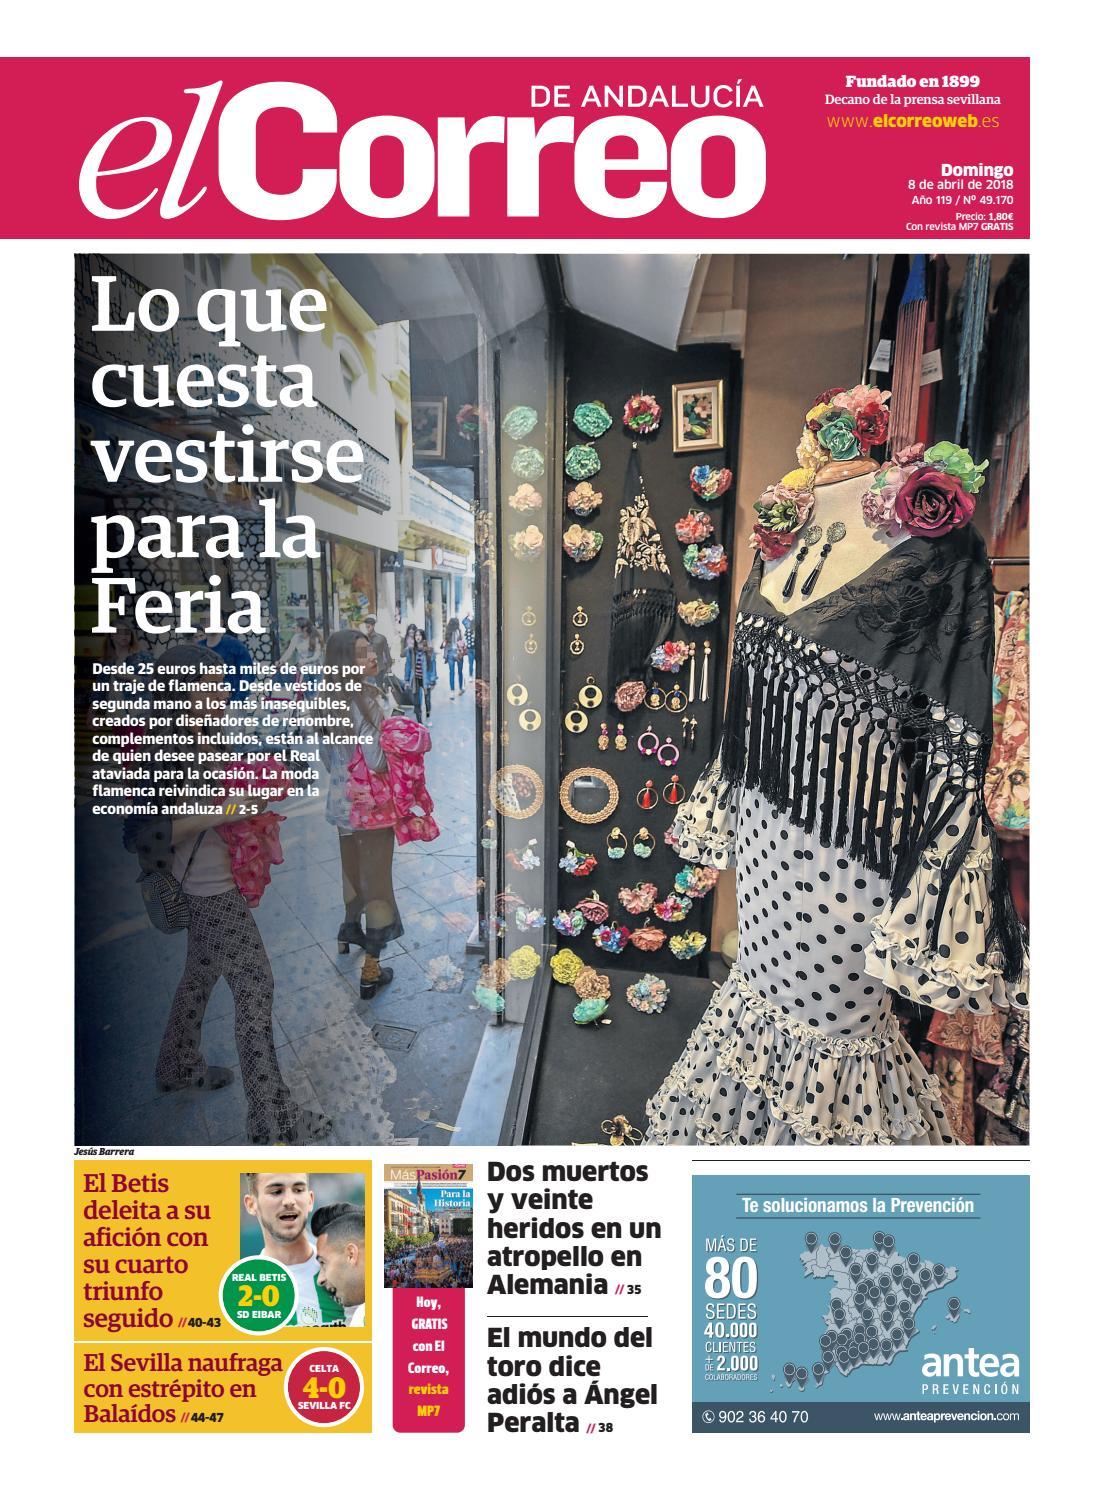 015469af86 08.04.2018 El Correo de Andalucía by EL CORREO DE ANDALUCÍA S.L. - issuu